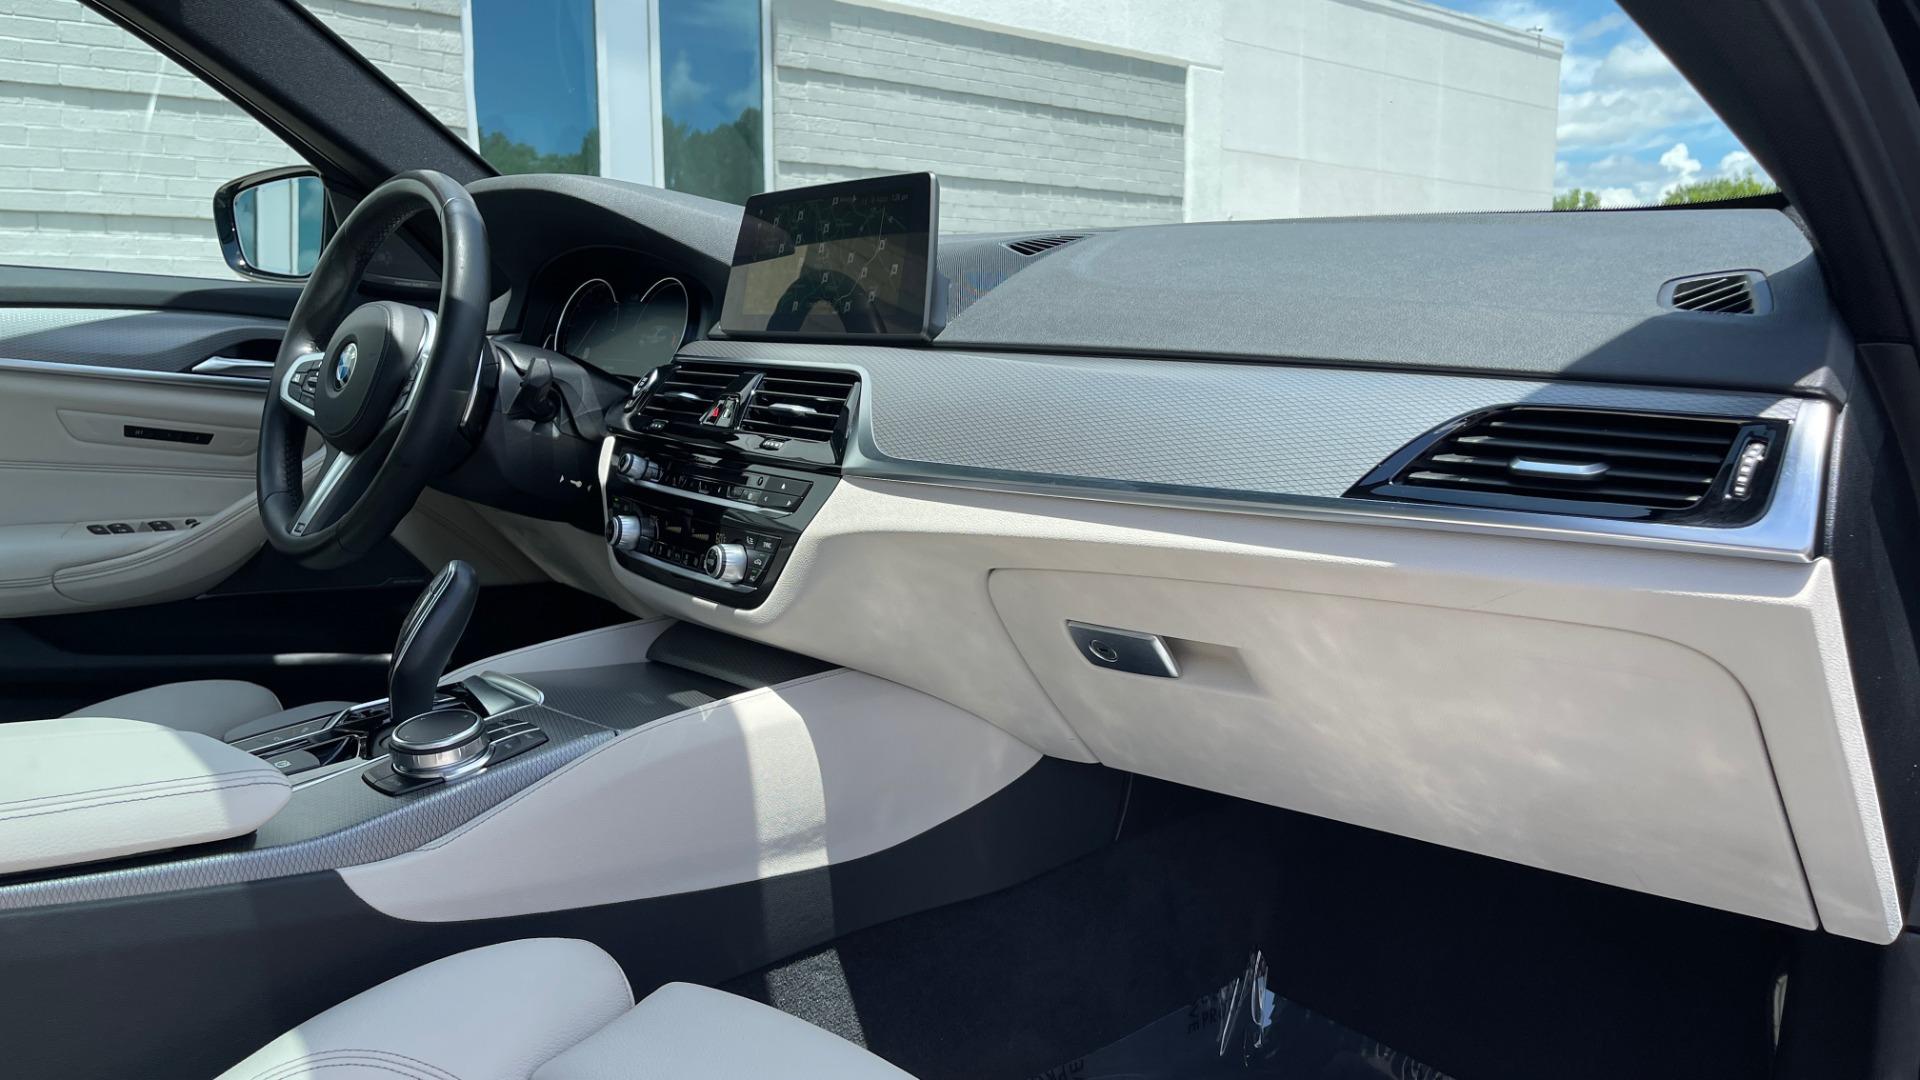 Used 2018 BMW 5 SERIES 540I M-SPORT / EXECUTIVE PKG / DRVR ASST PKG / BLIND SPOT / LANE DEPART for sale $40,995 at Formula Imports in Charlotte NC 28227 73